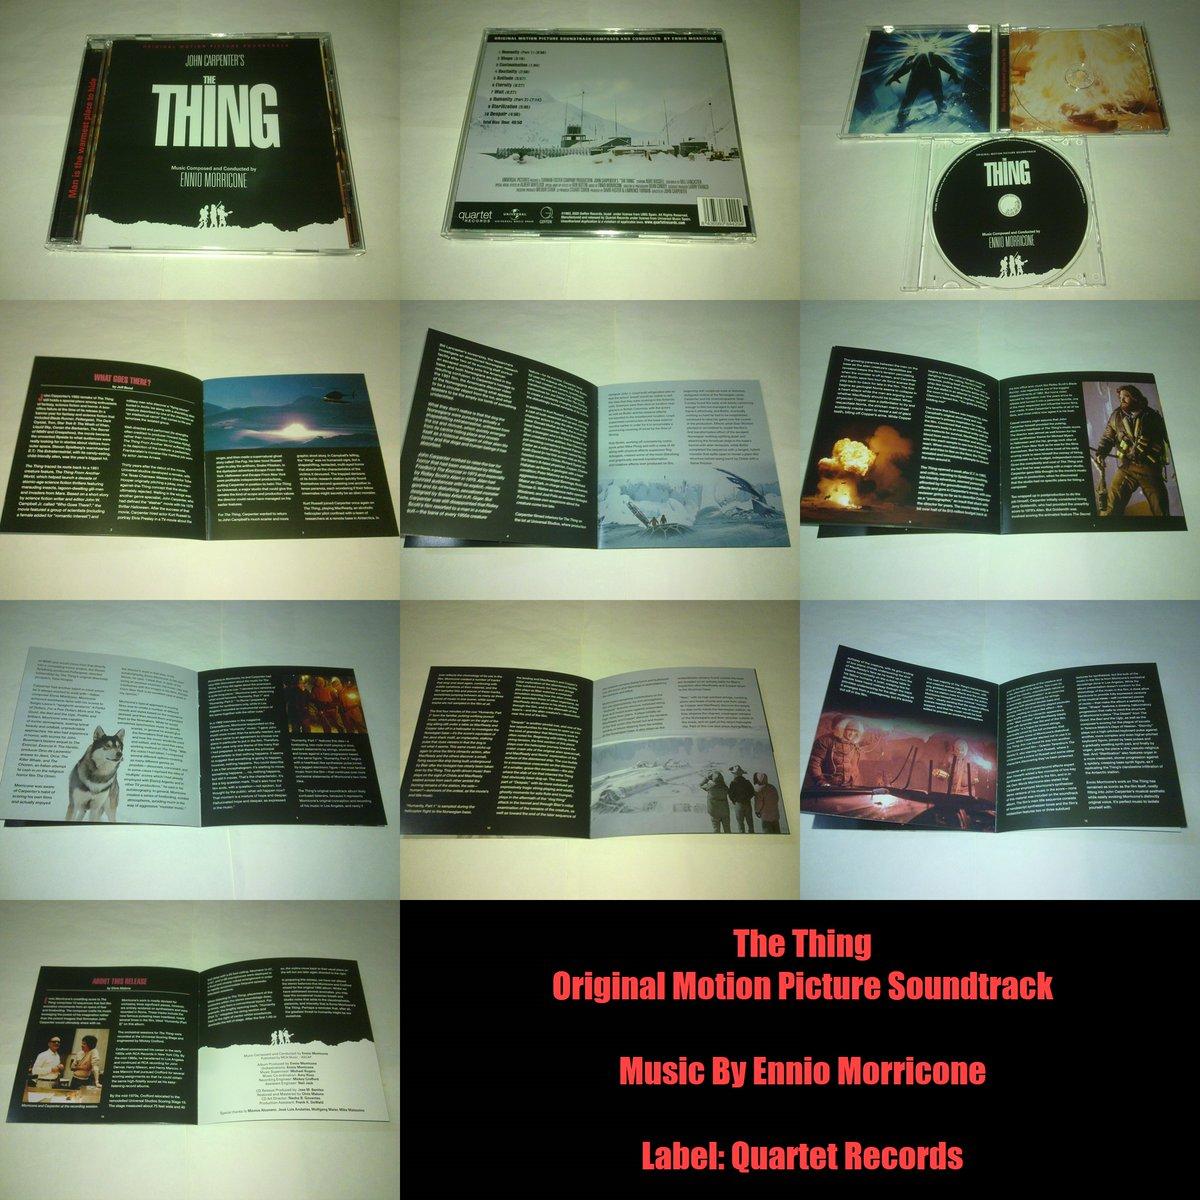 #แกะซีดี THE THING Original Motion Picture Soundtrack #EnnioMorricone | #soundtrack #cdcollection #reissue #remastered #JohnCarpenter #ไอ้ตัวเขมือบโลกpic.twitter.com/yT7SaTN89C